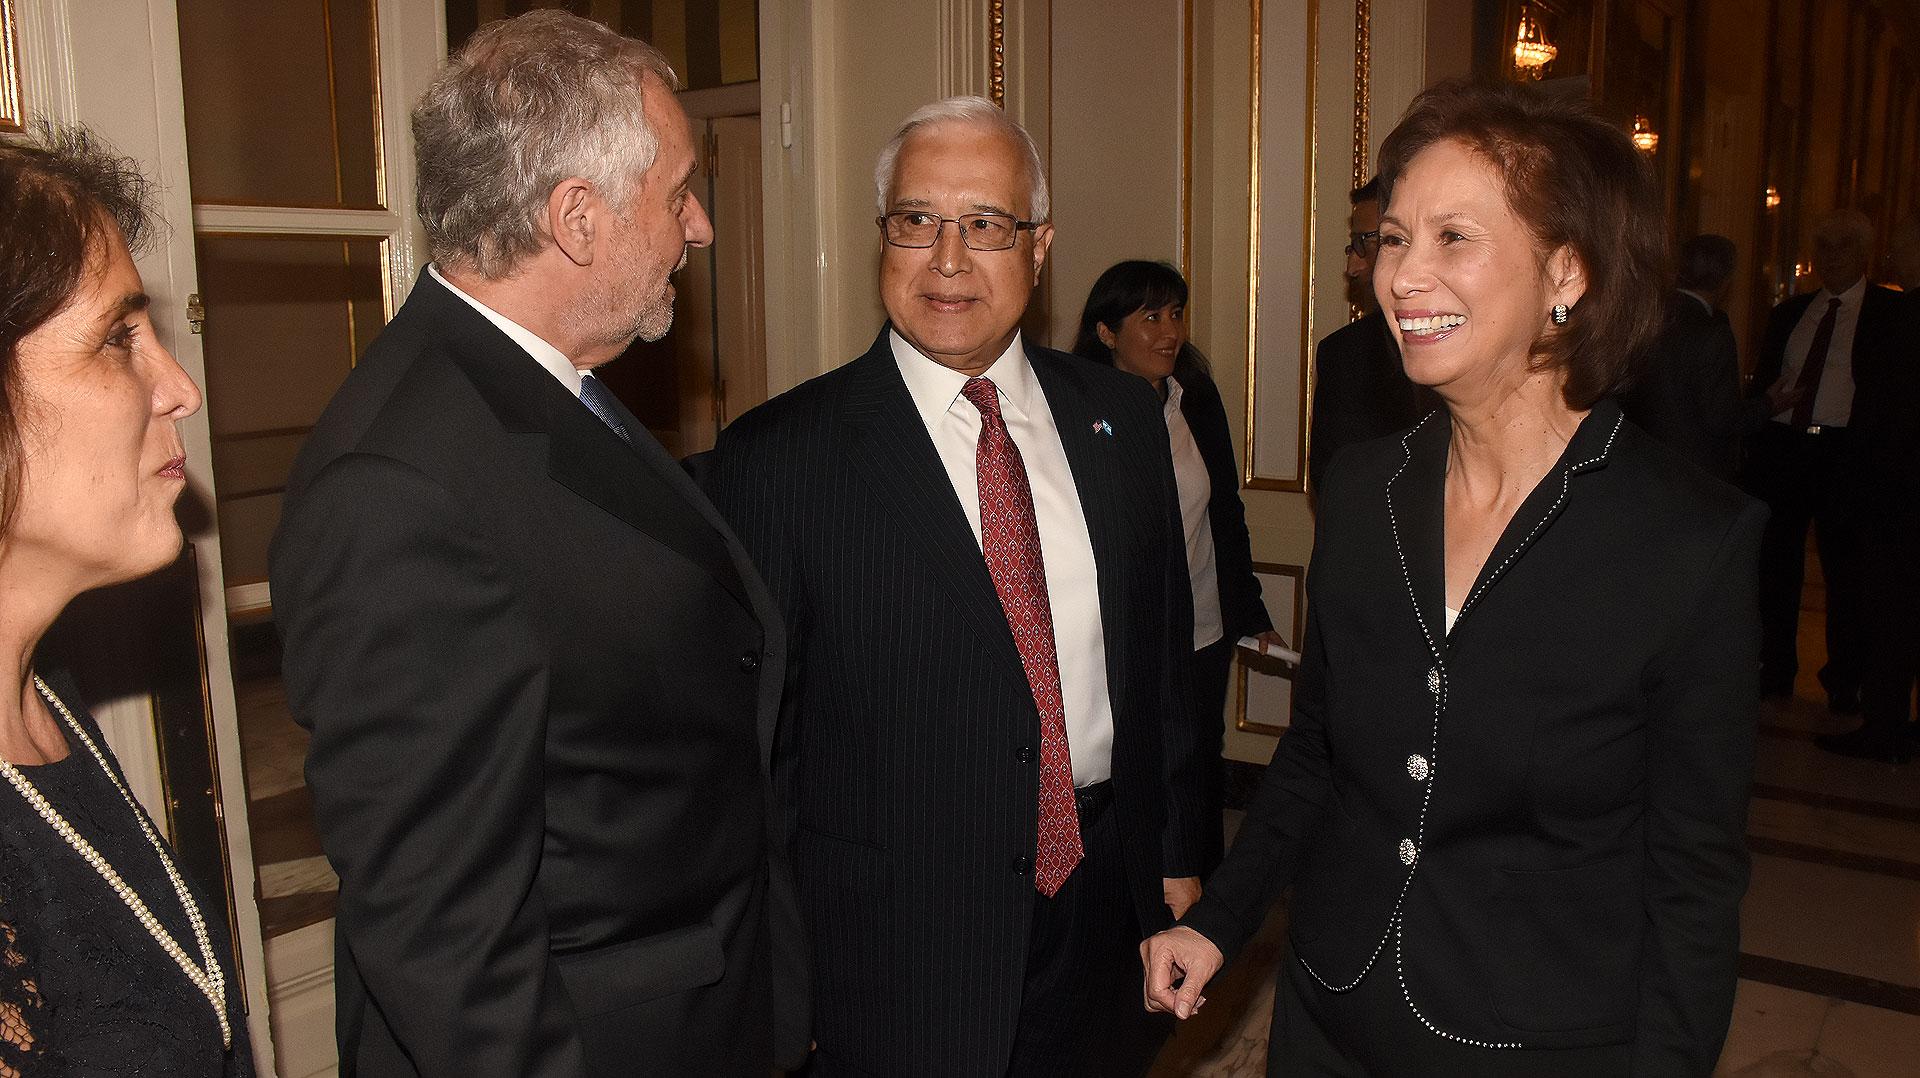 El presidente de la Fundación Centro de Estudios Americanos (CEA), Luis Savino, recibe al embajador de Estados Unidos en la Argentina, Edward C. Prado, y su mujer María en la cenal anual de esa institución